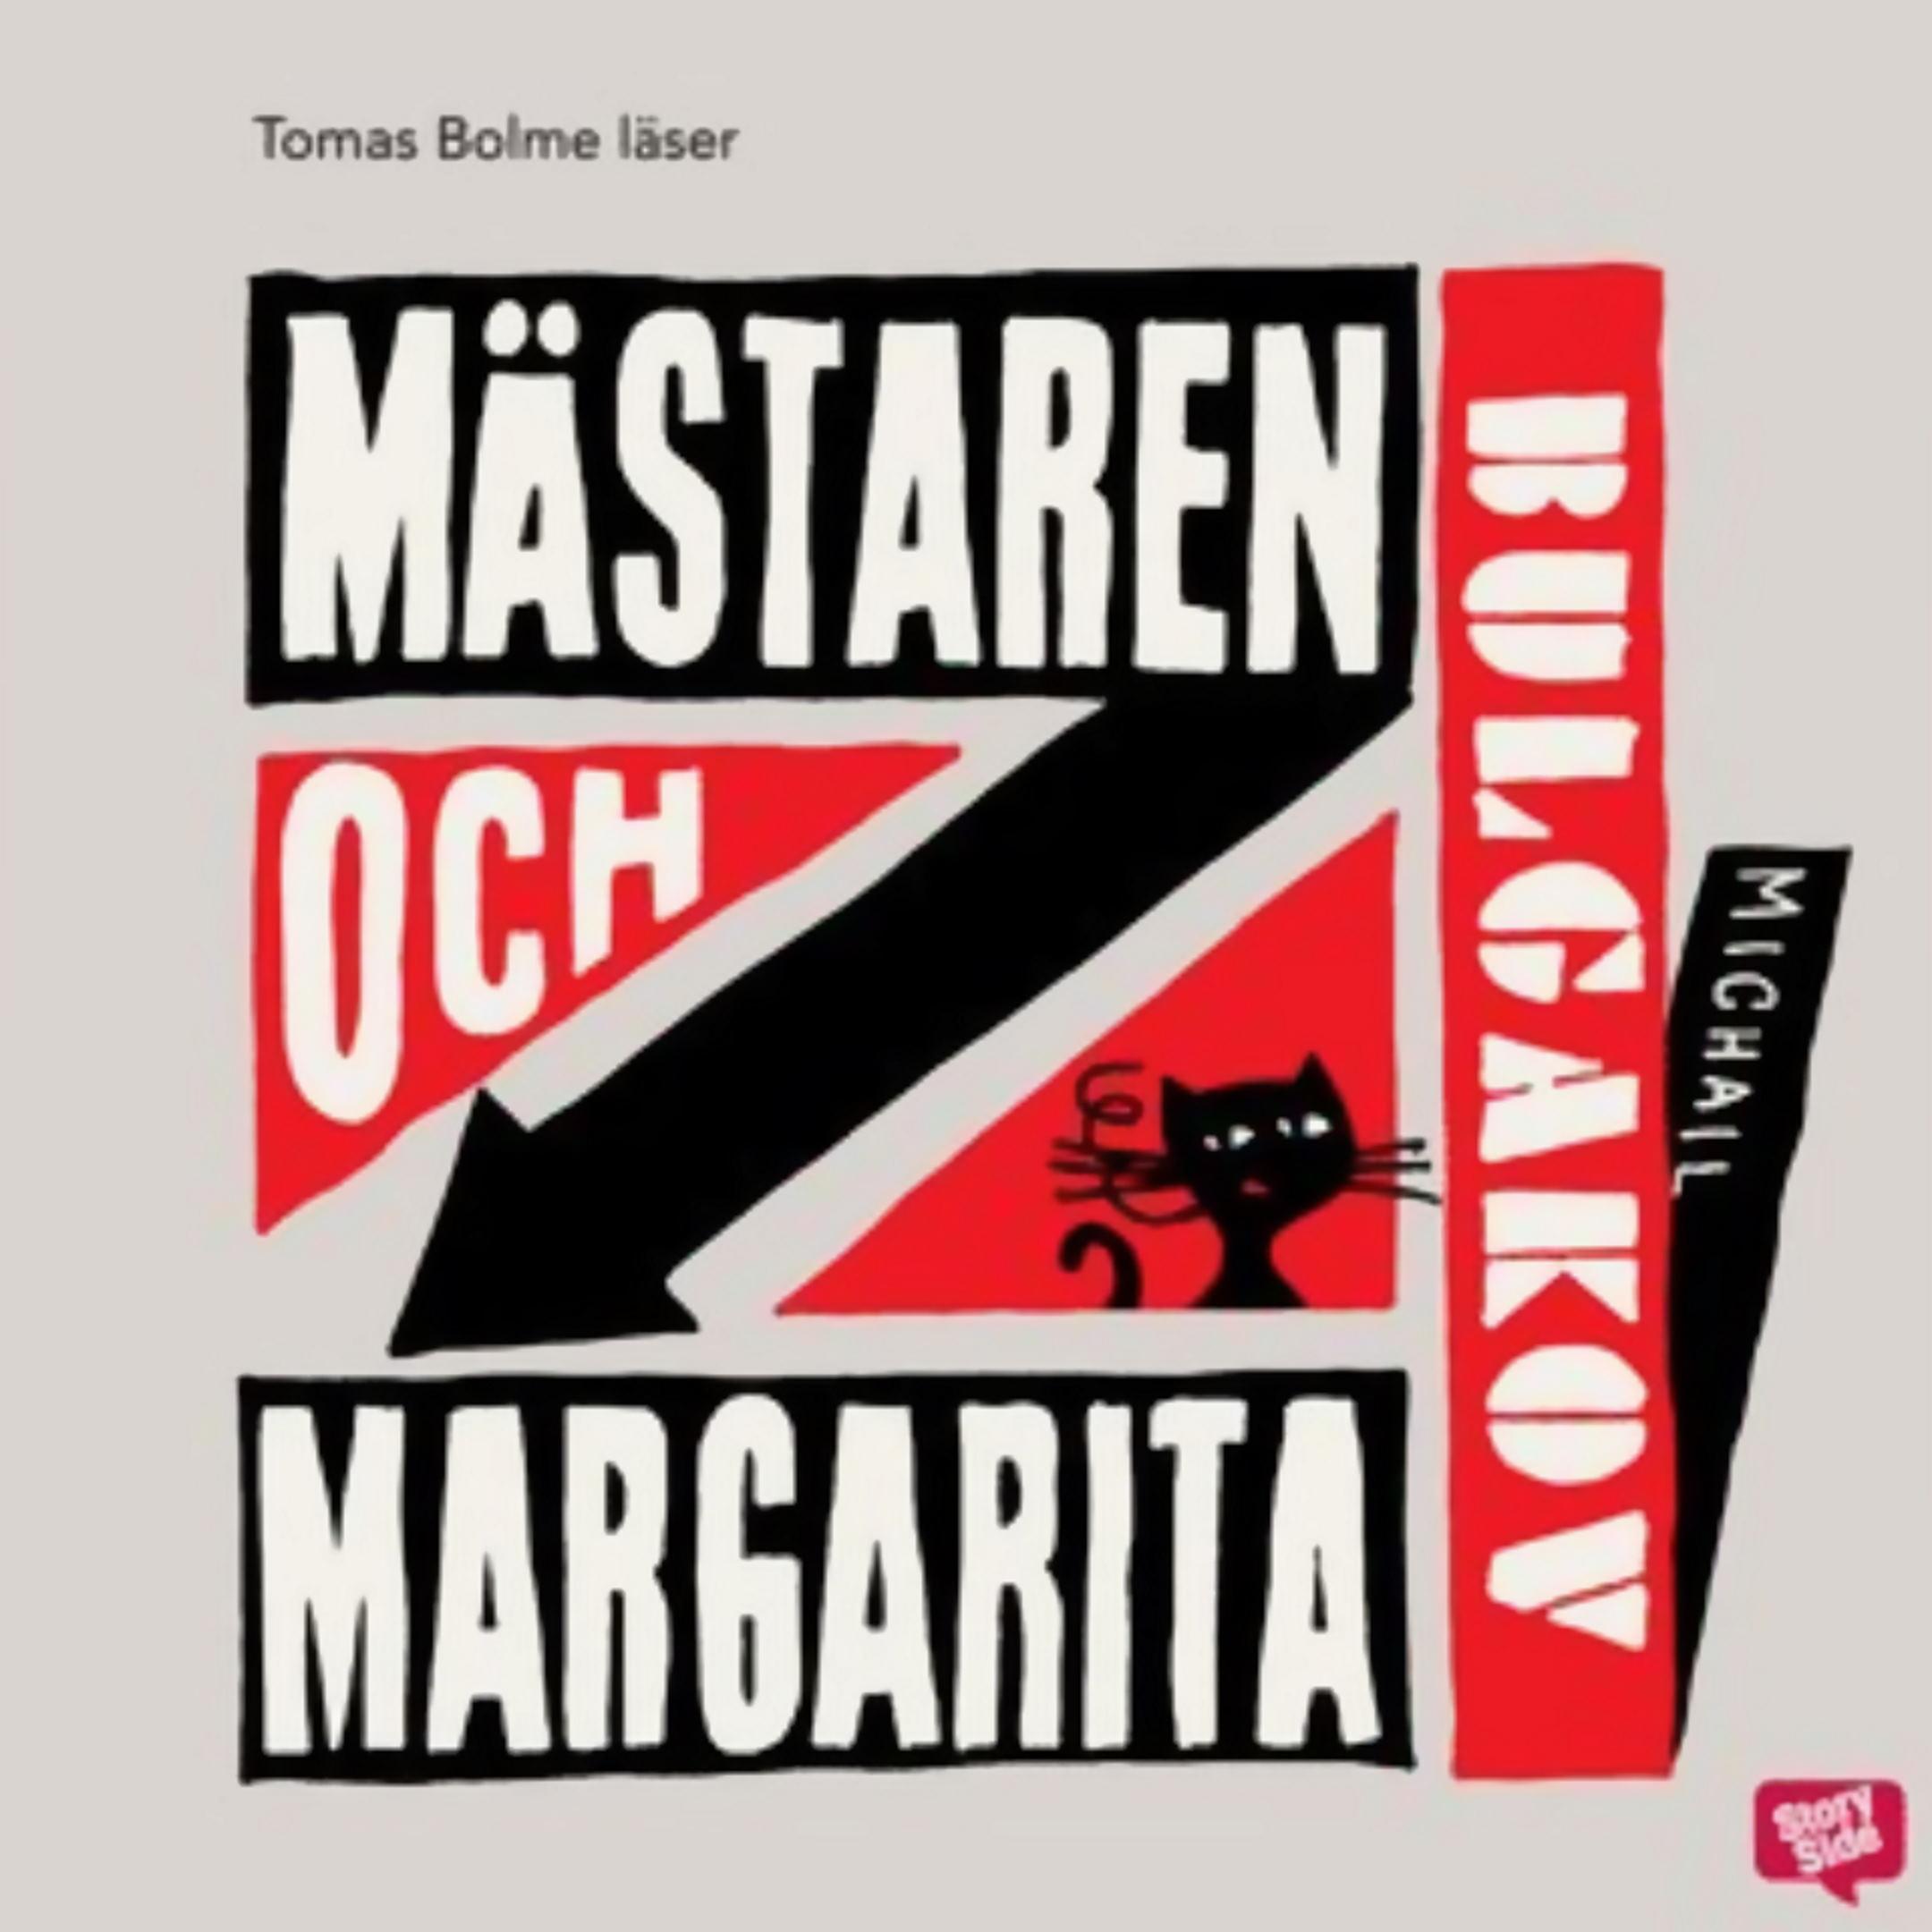 """Storytel, """"Mästaren och Margarita"""", 16 januari 2020"""